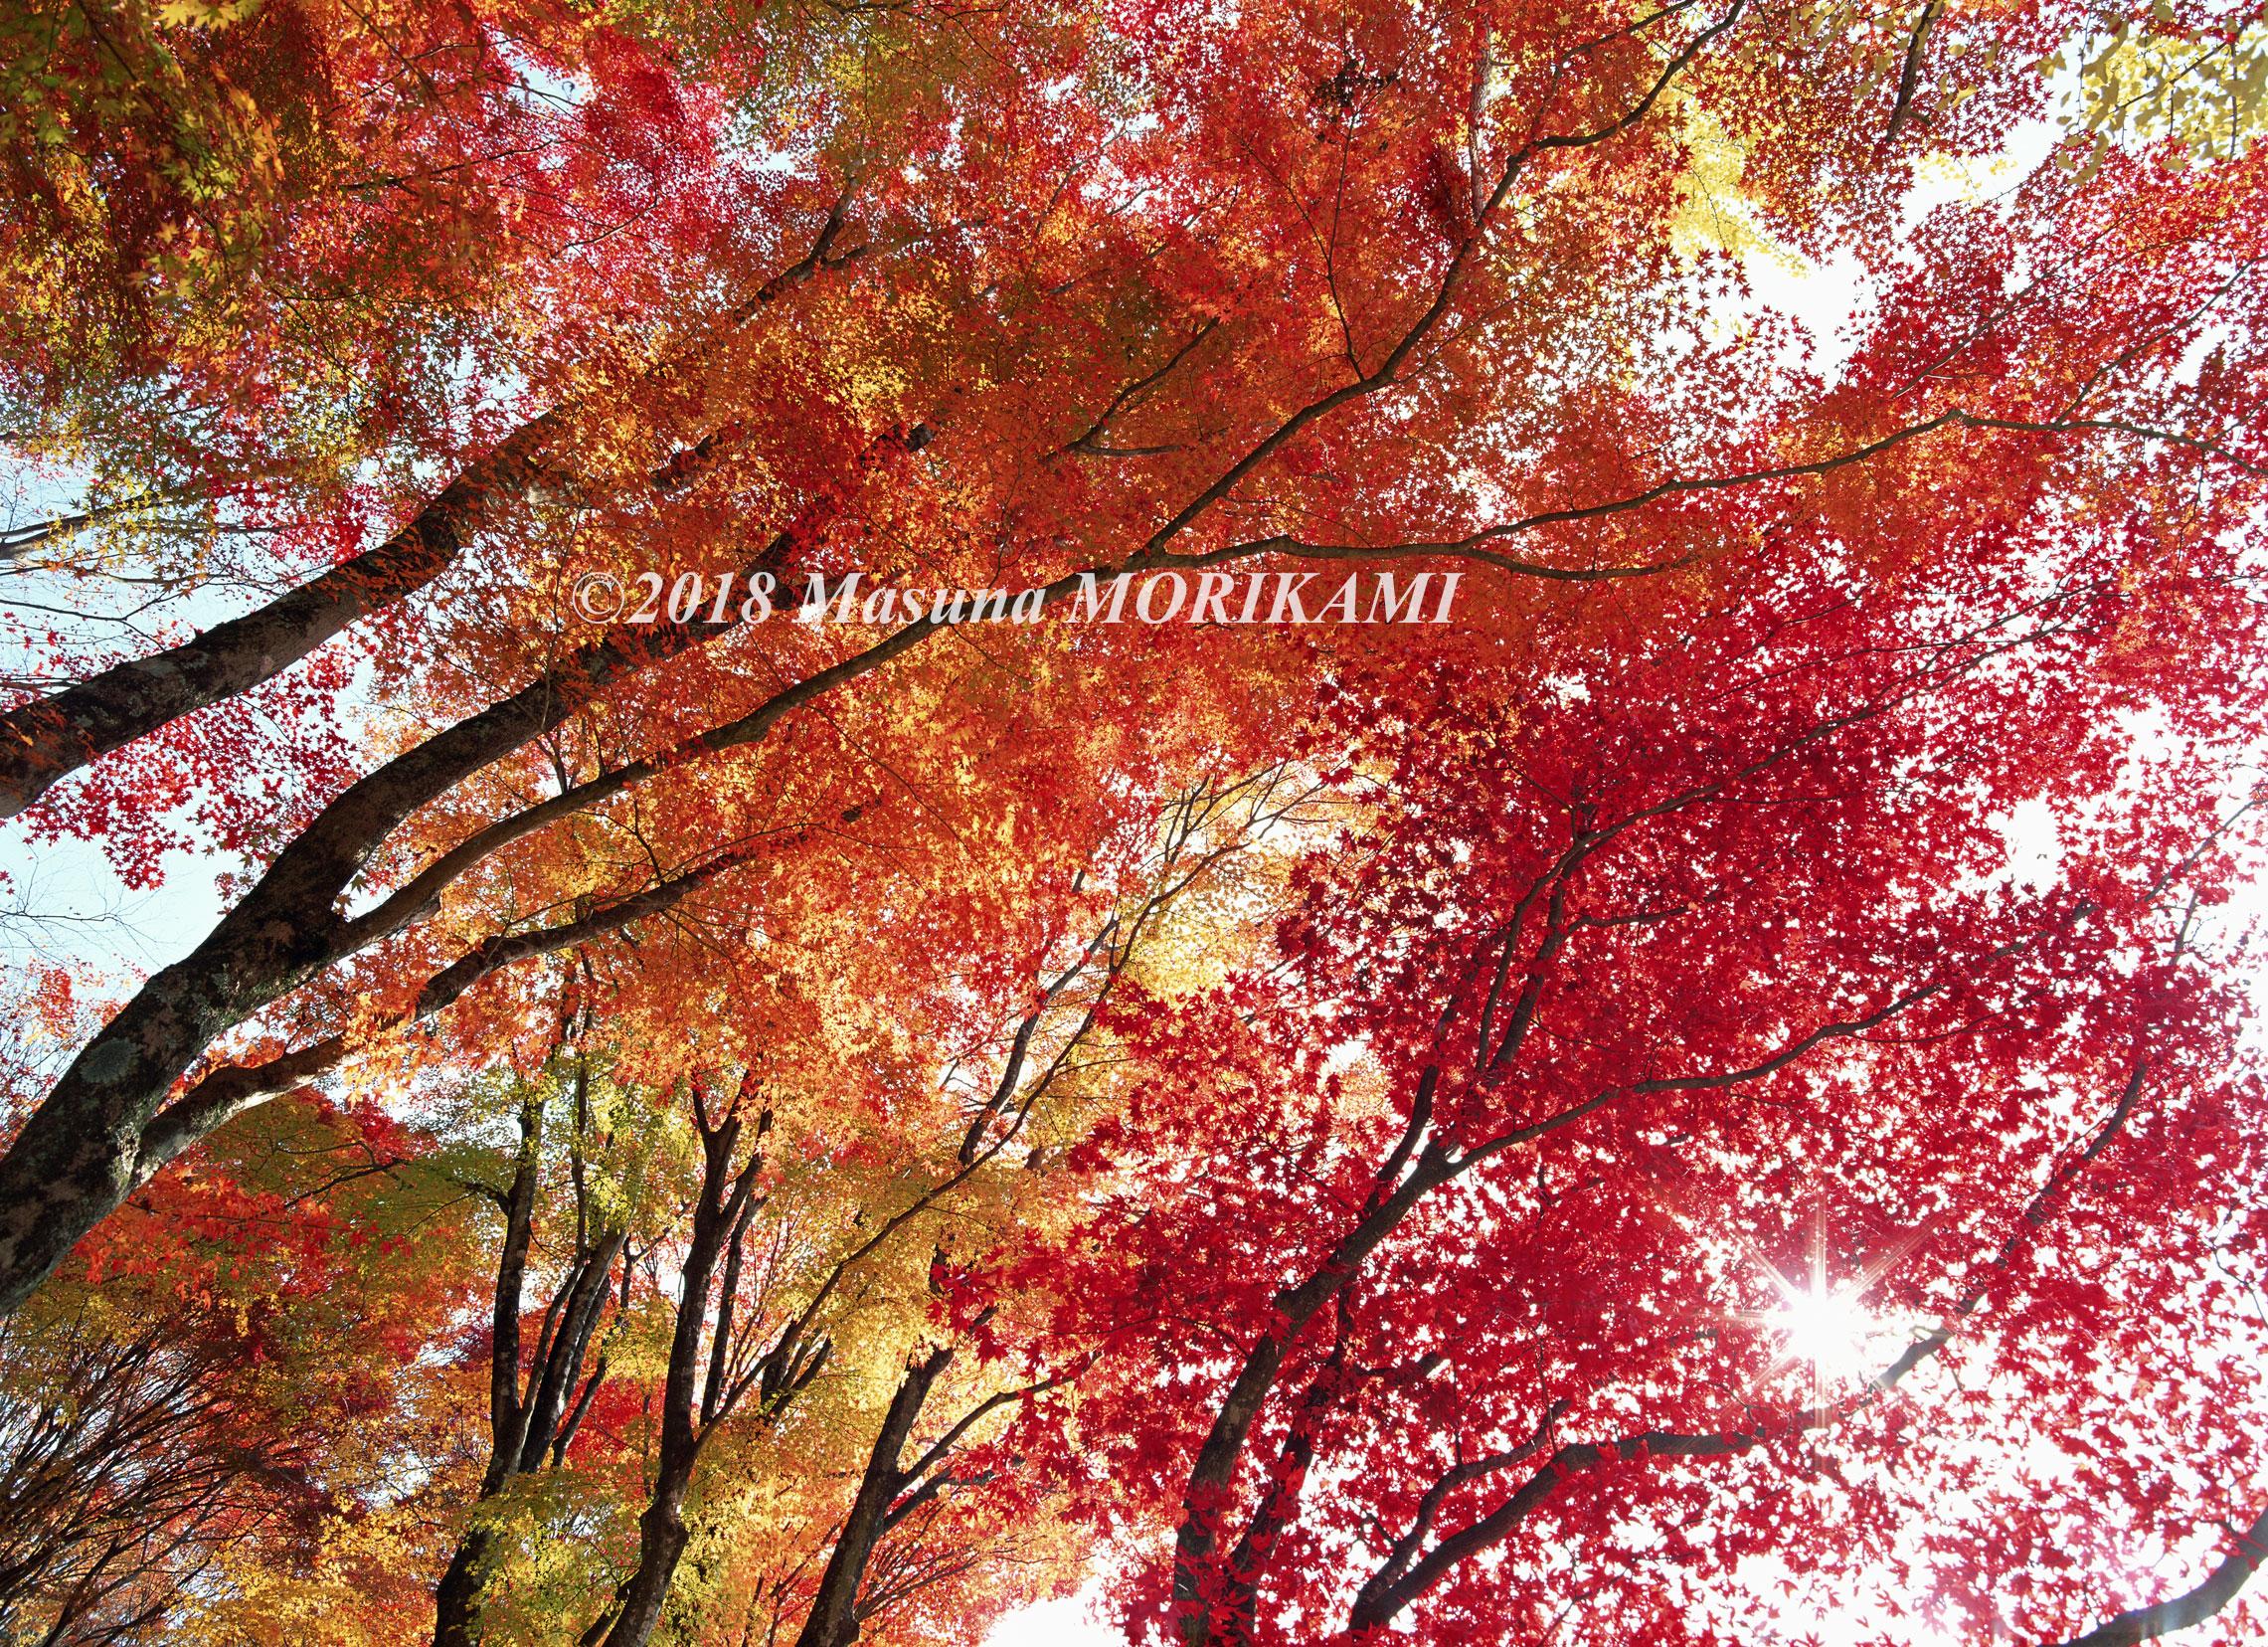 17 錦の森/愛知県豊田市/1998.11.22 8:00